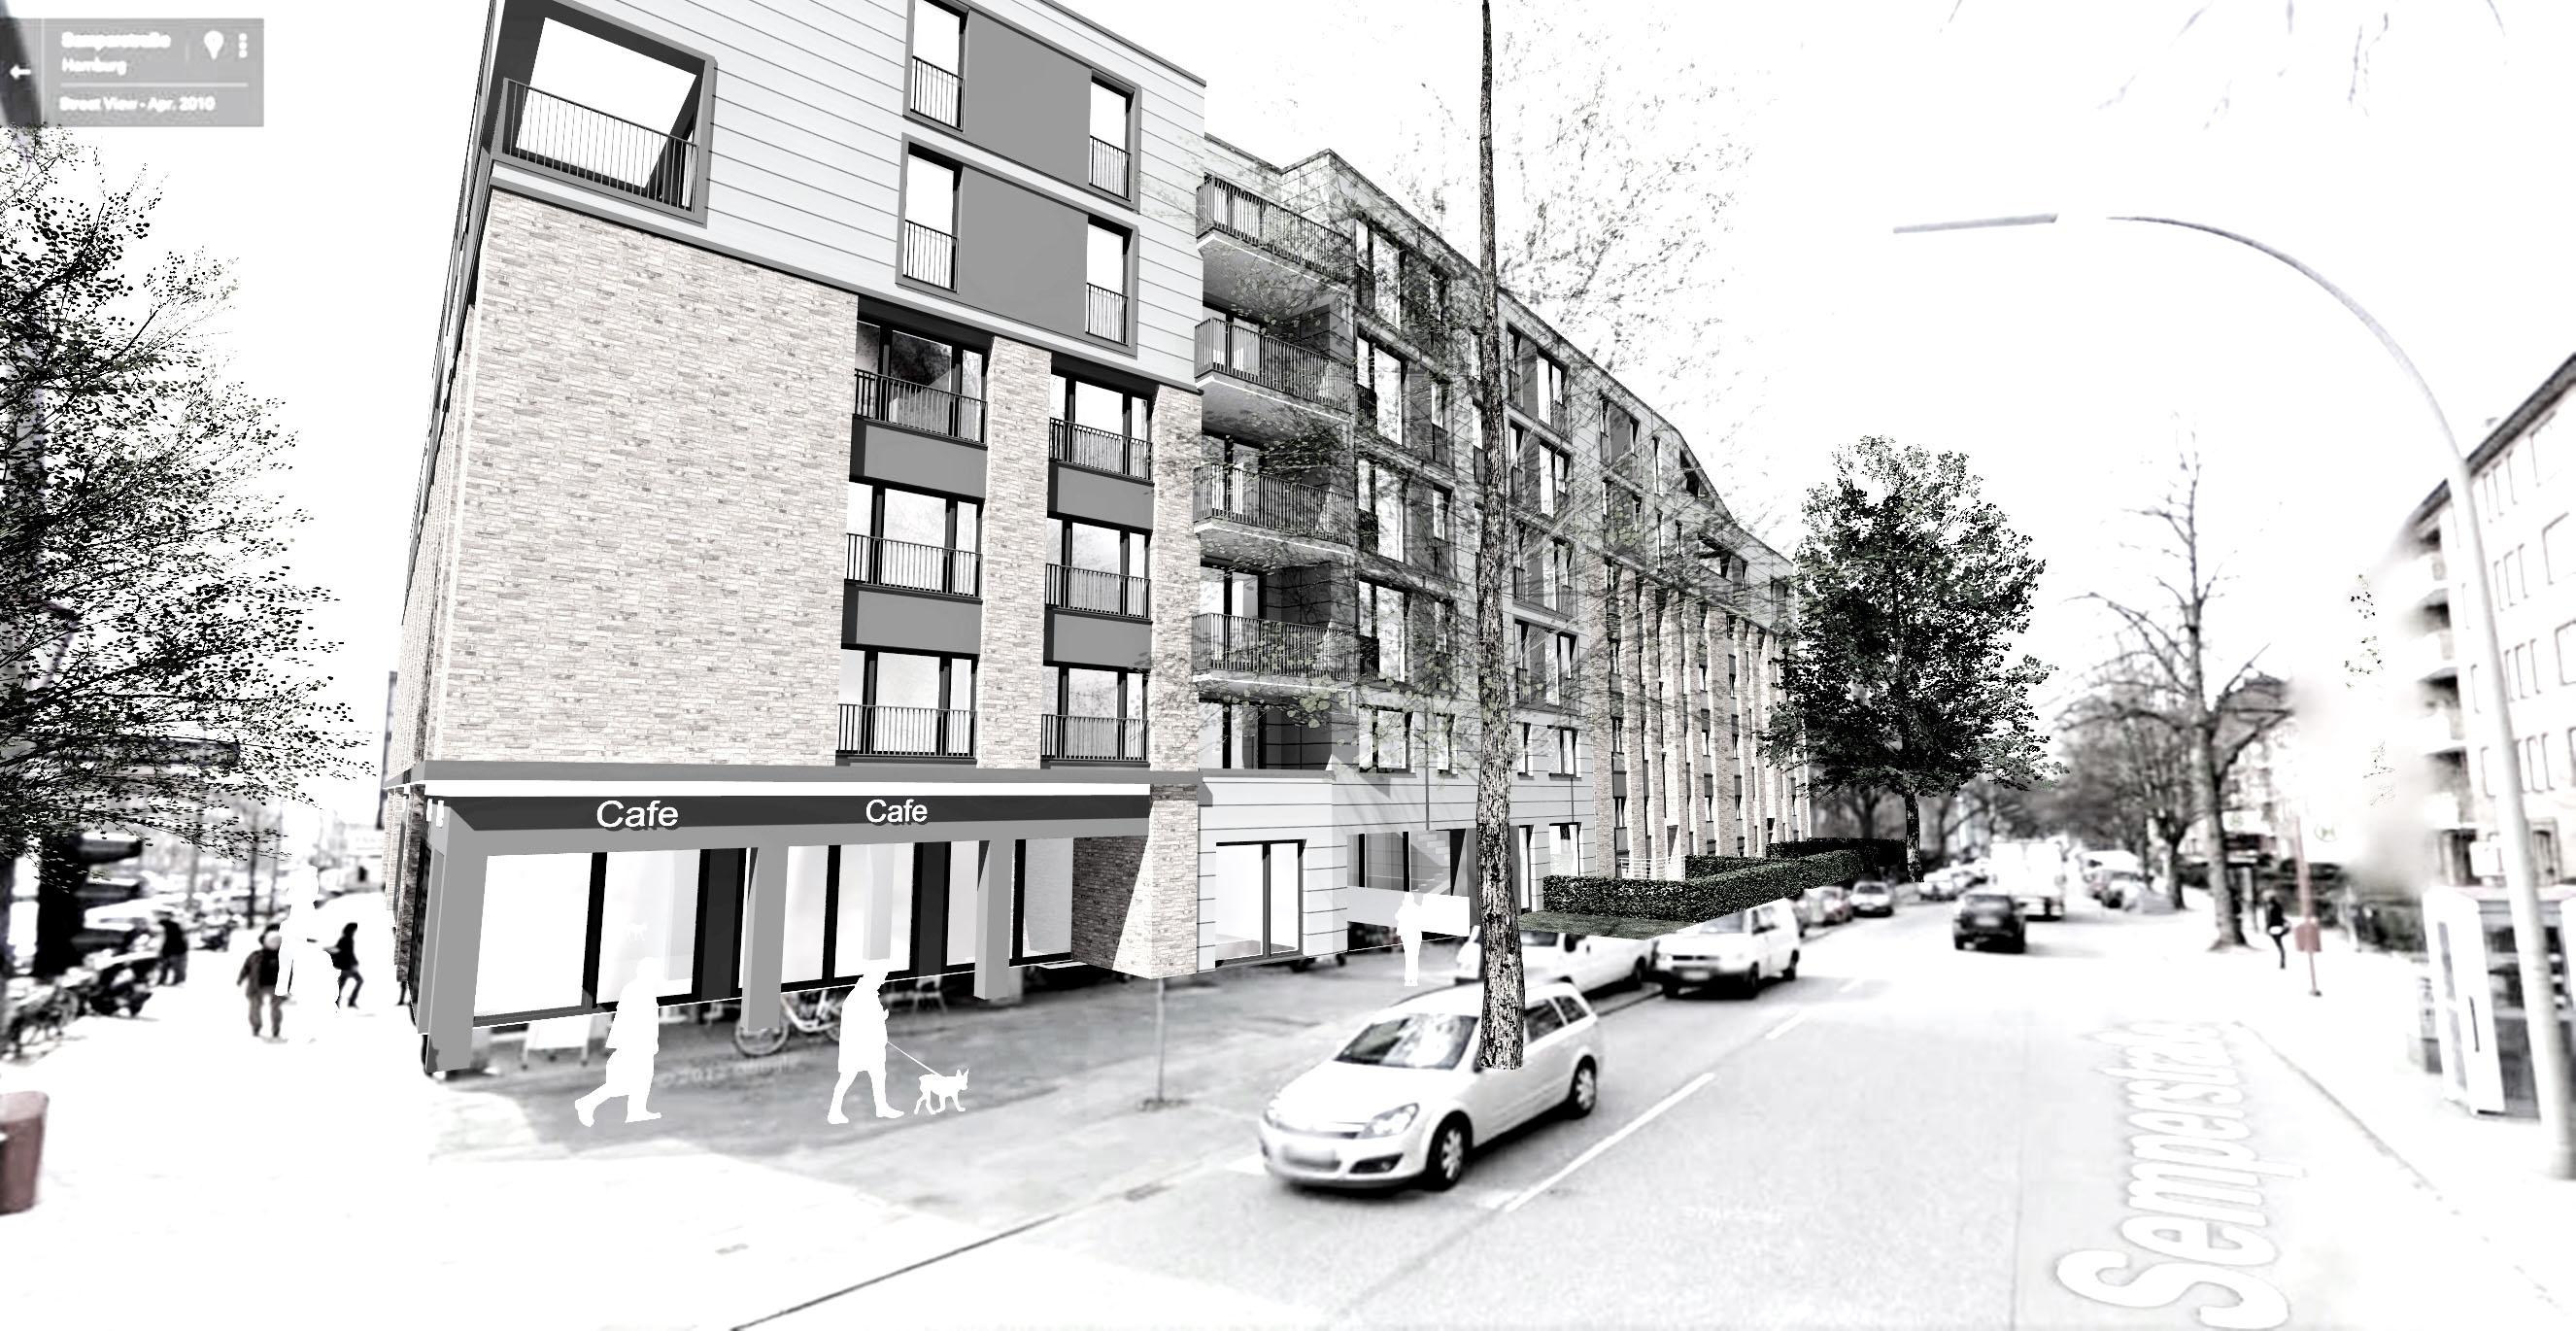 Projektstudie Baulückenschliessung Wohngebäude Hamburg